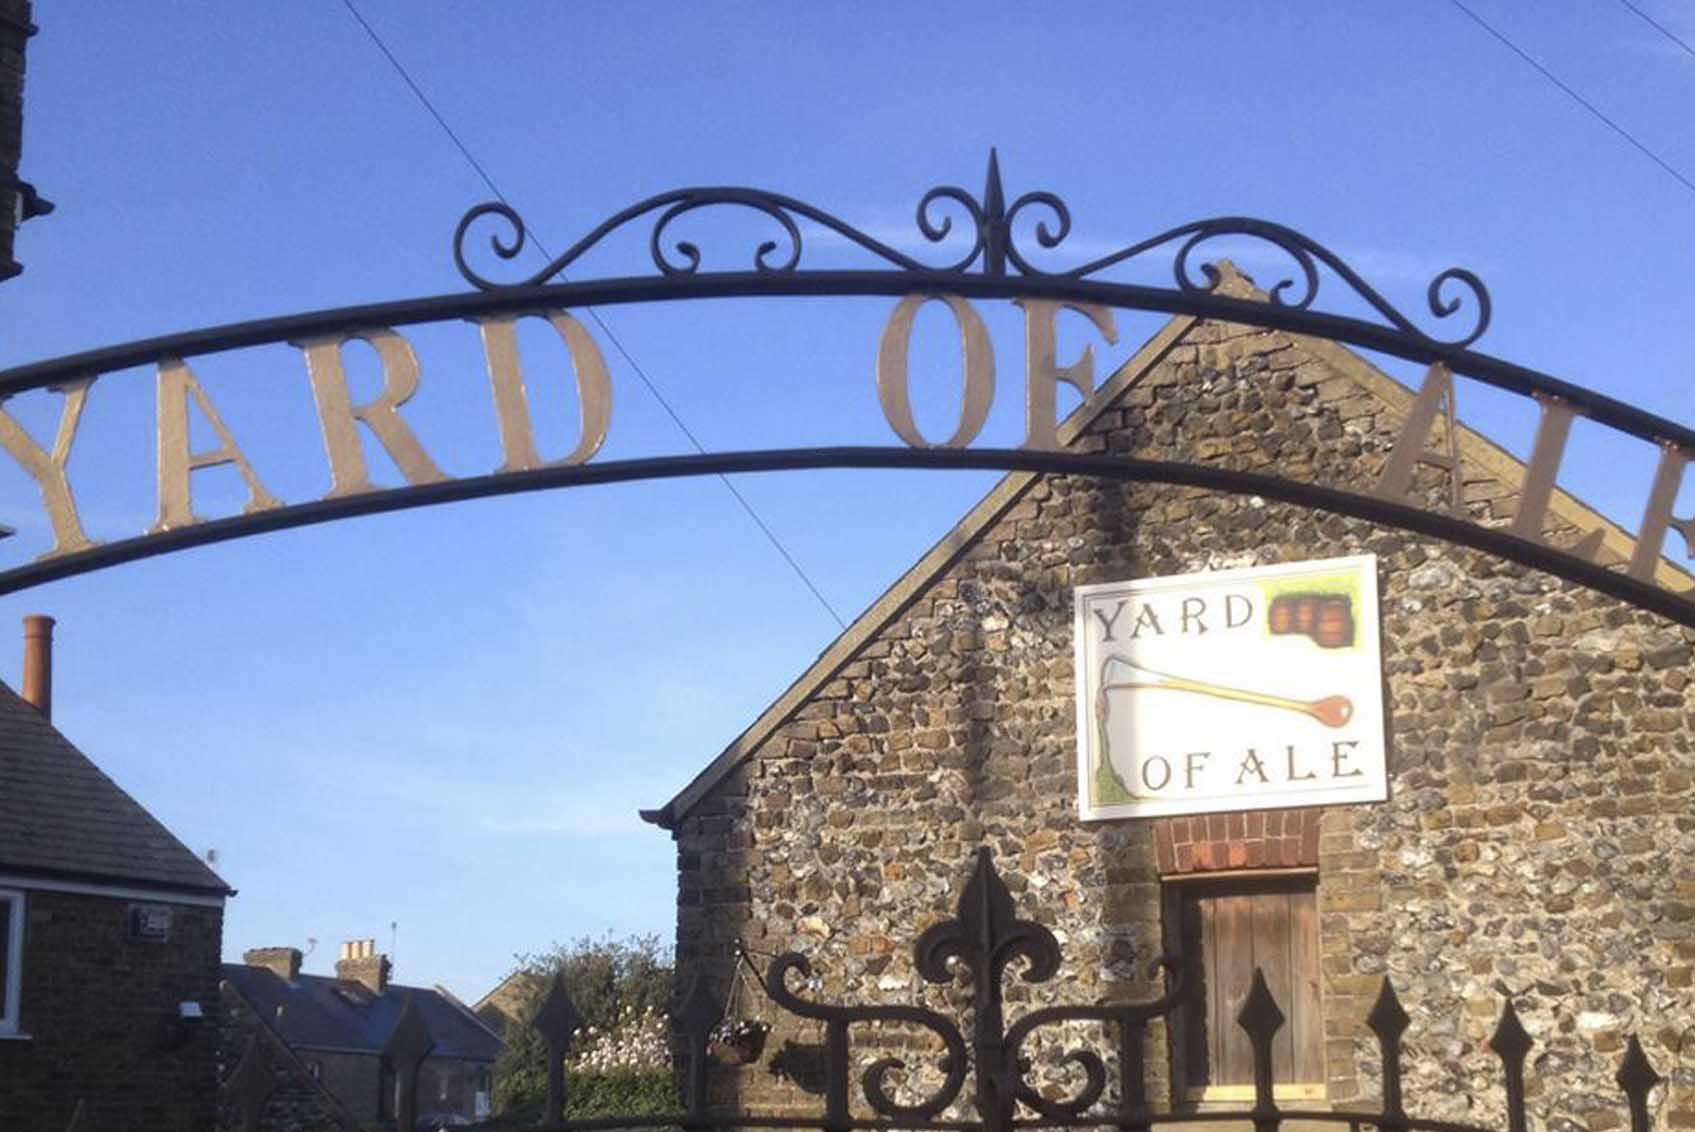 Yard of Ale pub